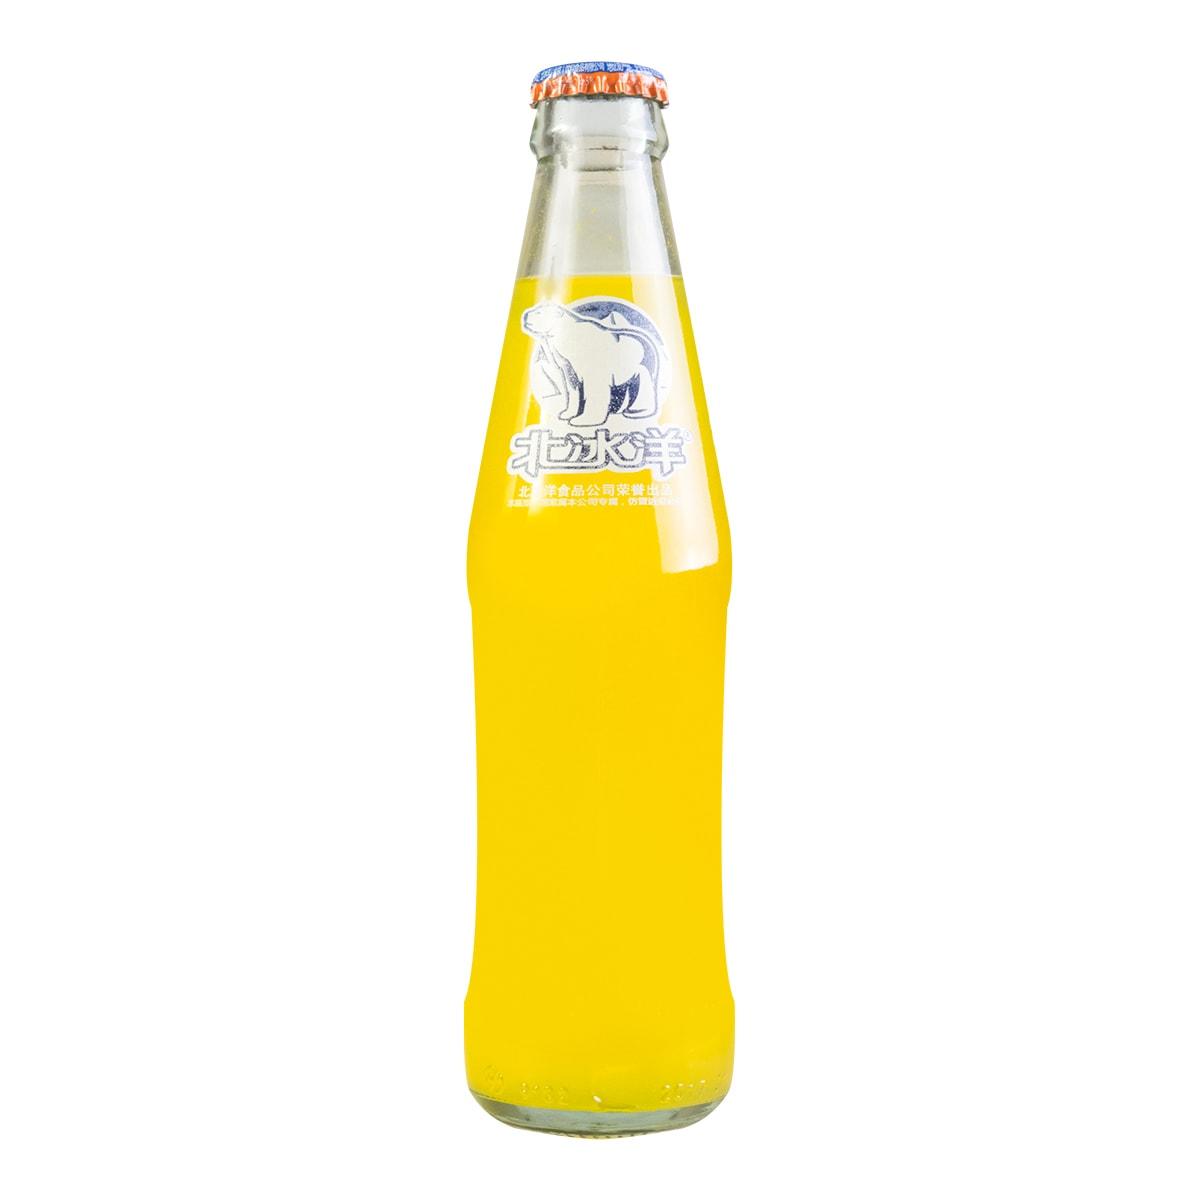 北冰洋 橘子味汽水 瓶装 248ml 老北京汽水